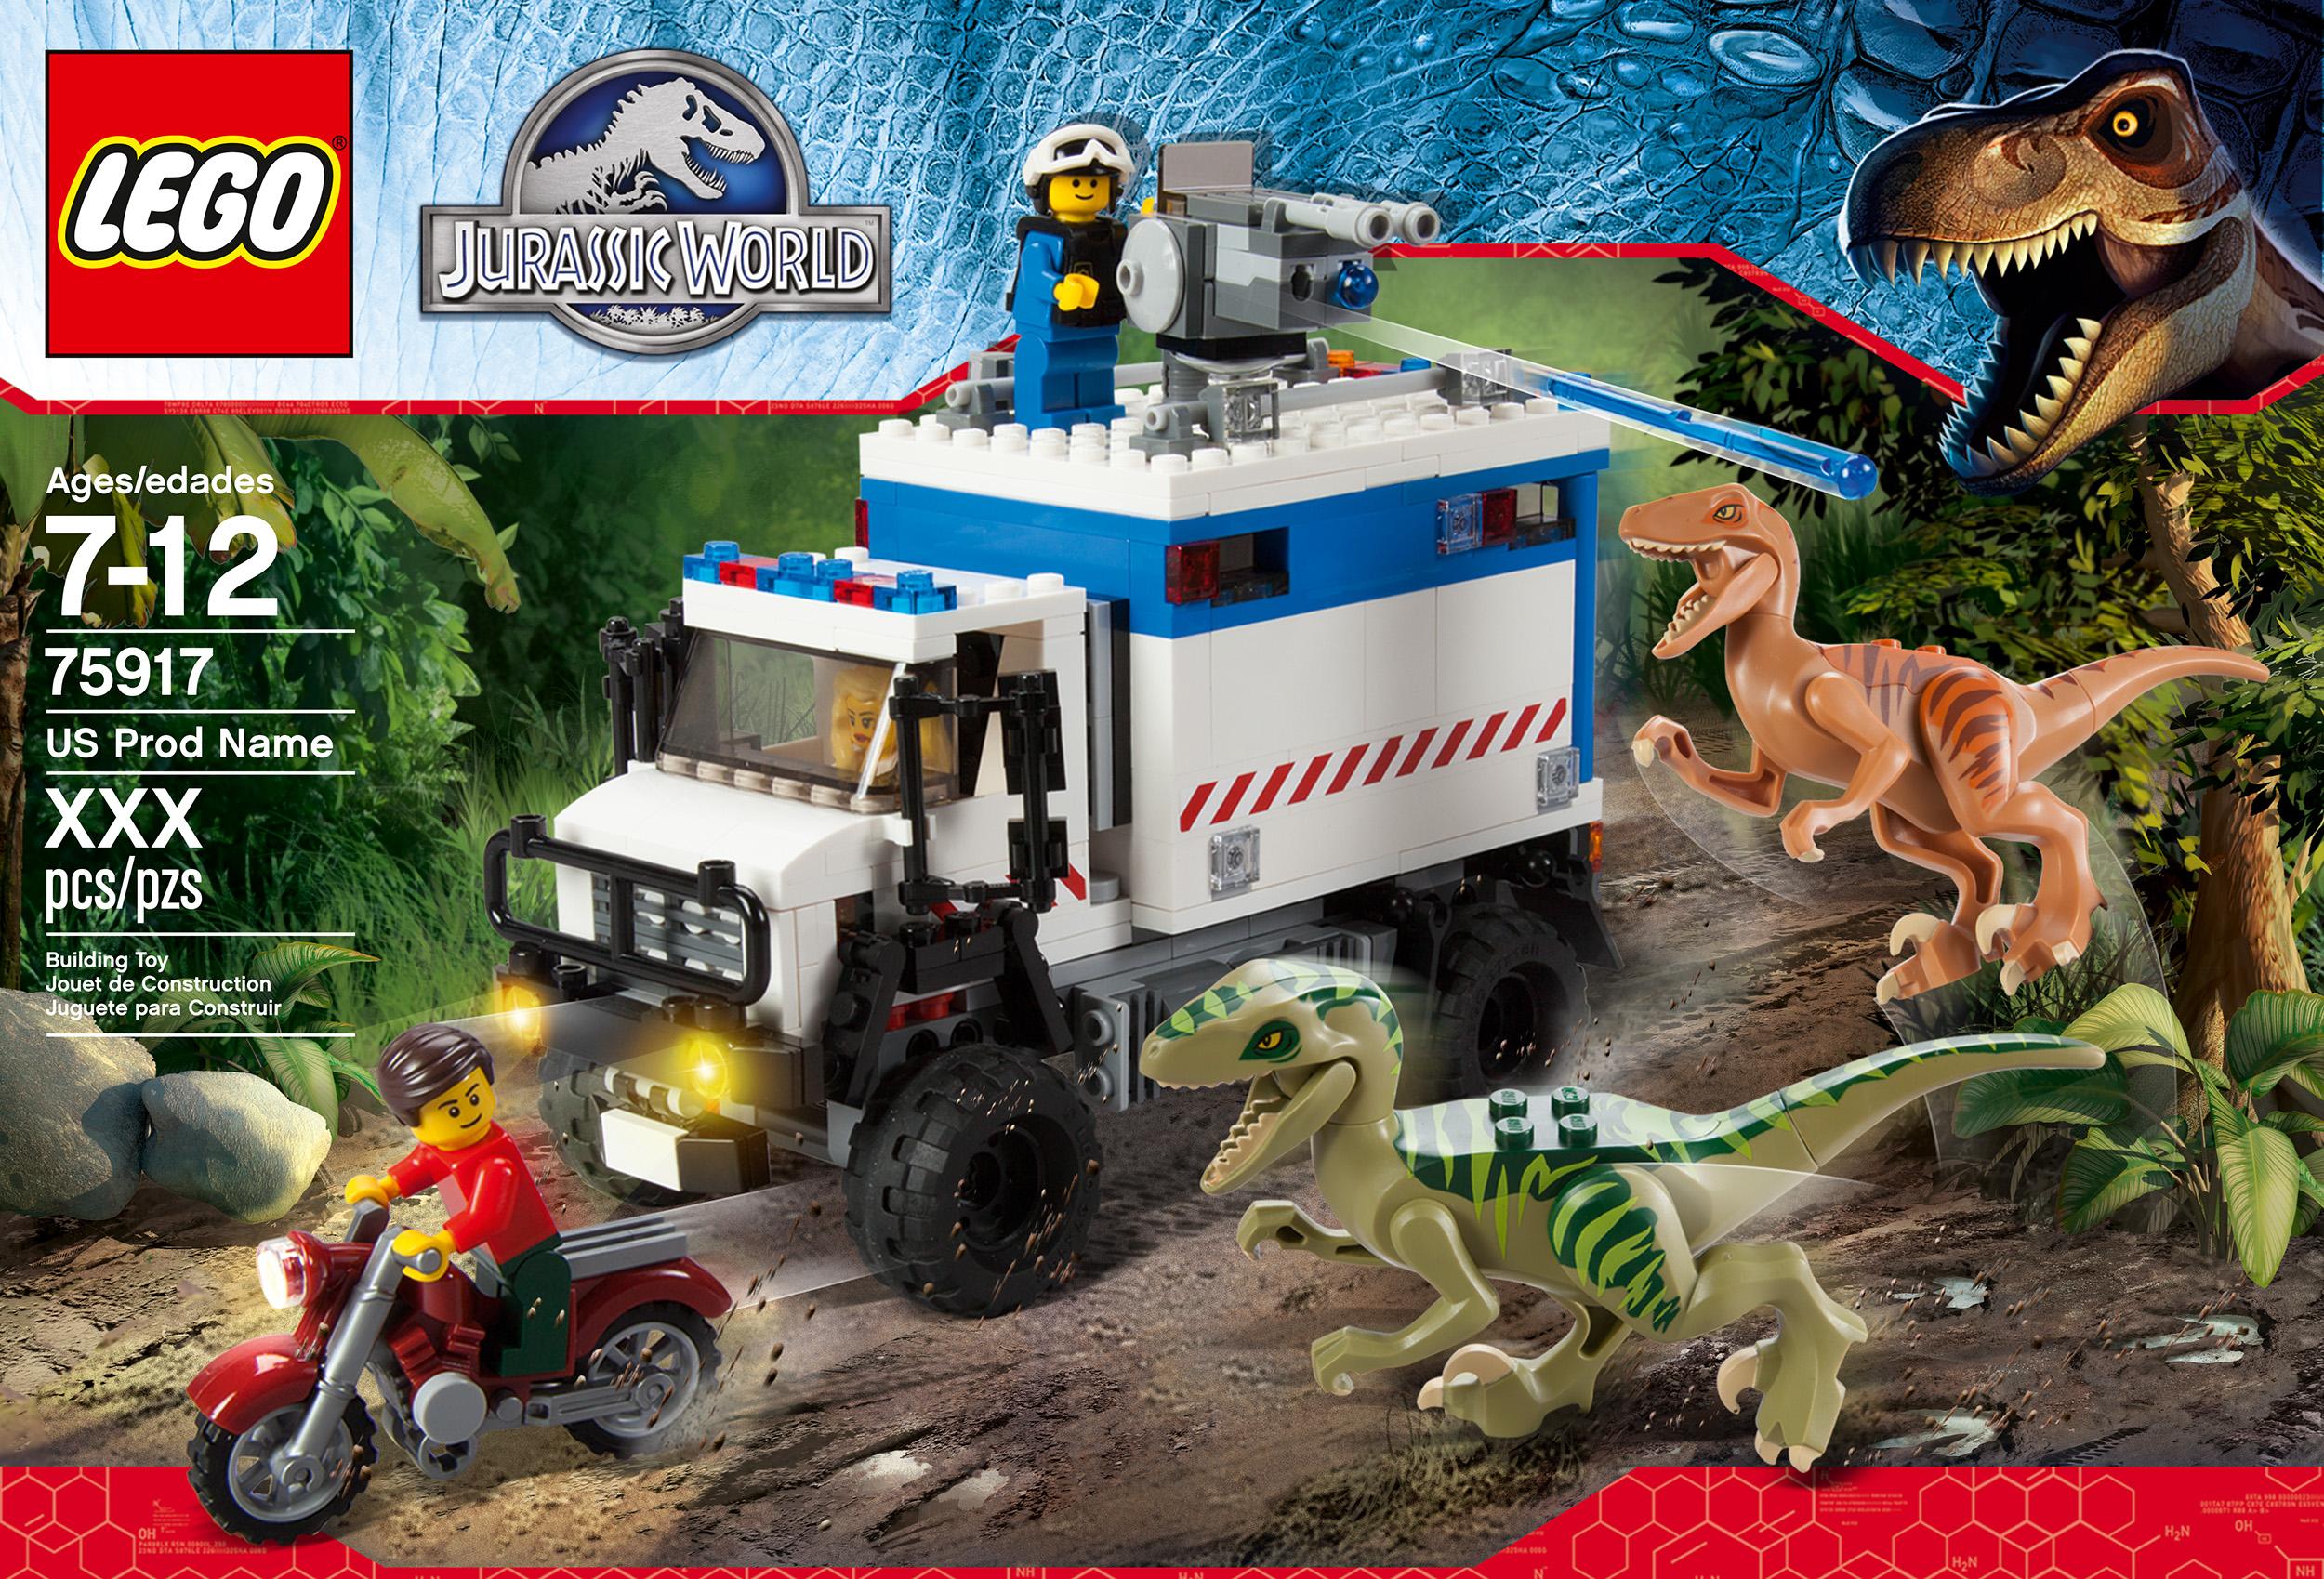 LEGO_JW_01.jpg